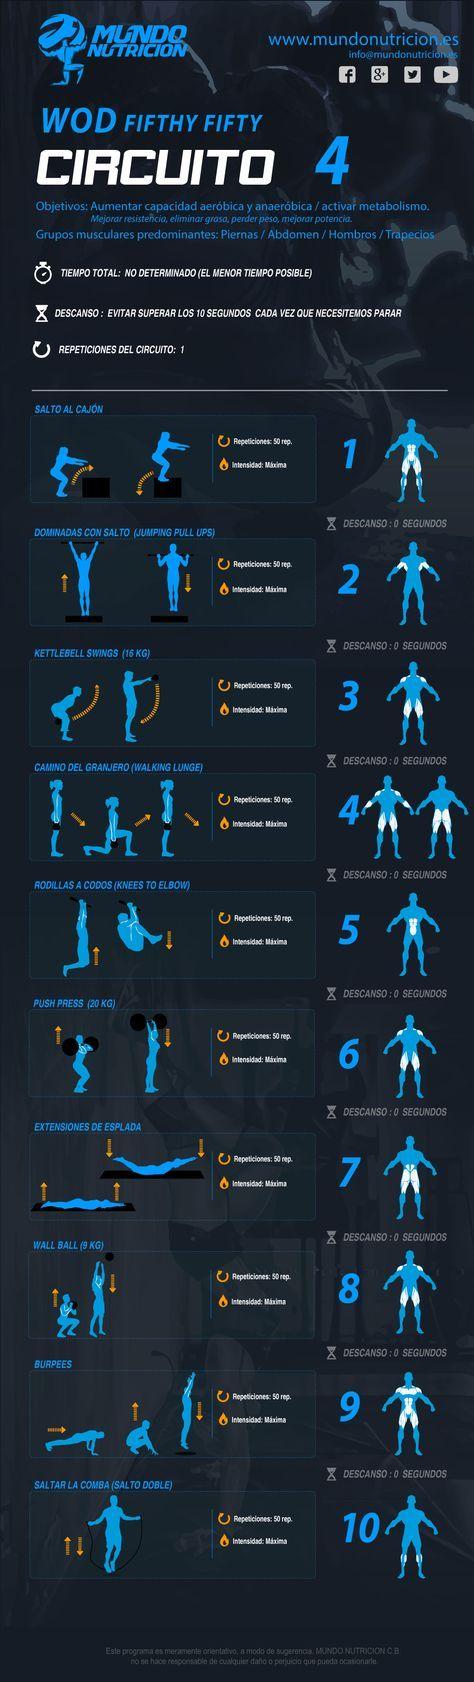 El Wod Fifthy Fifty es uno de los Wod más conocidos, más largos y más duros del Crossfit. Consiste en realizar 10 series de 50 repeticiones de varios ejercicios en el menor tiempo posible. Es ideal para mejorar la resistencia, perder grasa, realizar entrenos de recuperación activa o realizar trabajo metabólico por ejemplo.